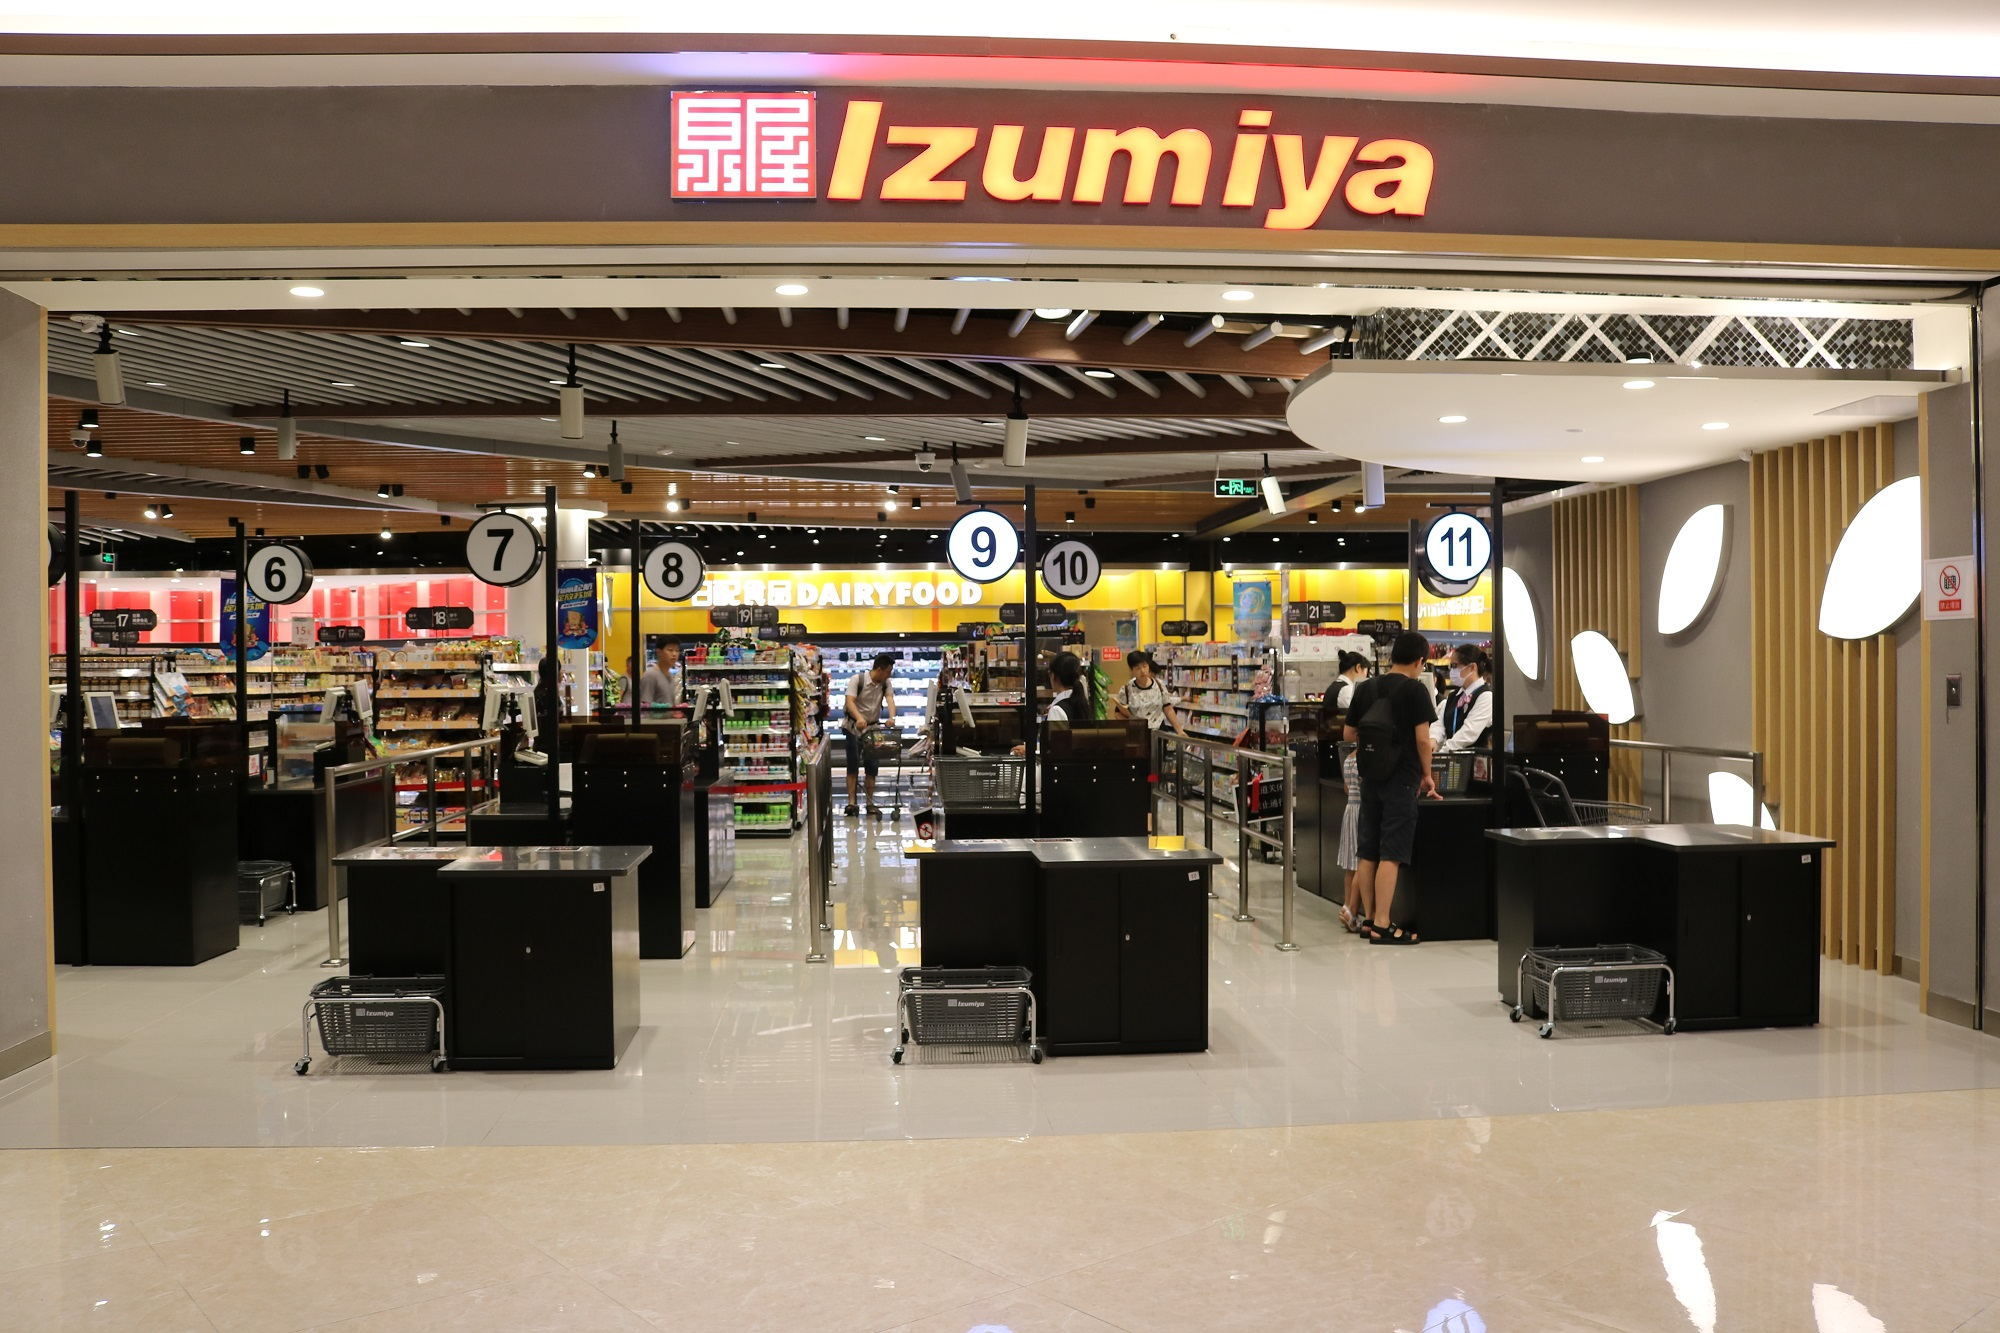 Izumiya SUPERMARKET (SUZHOU OLYMPIC SPORTS CENTER)